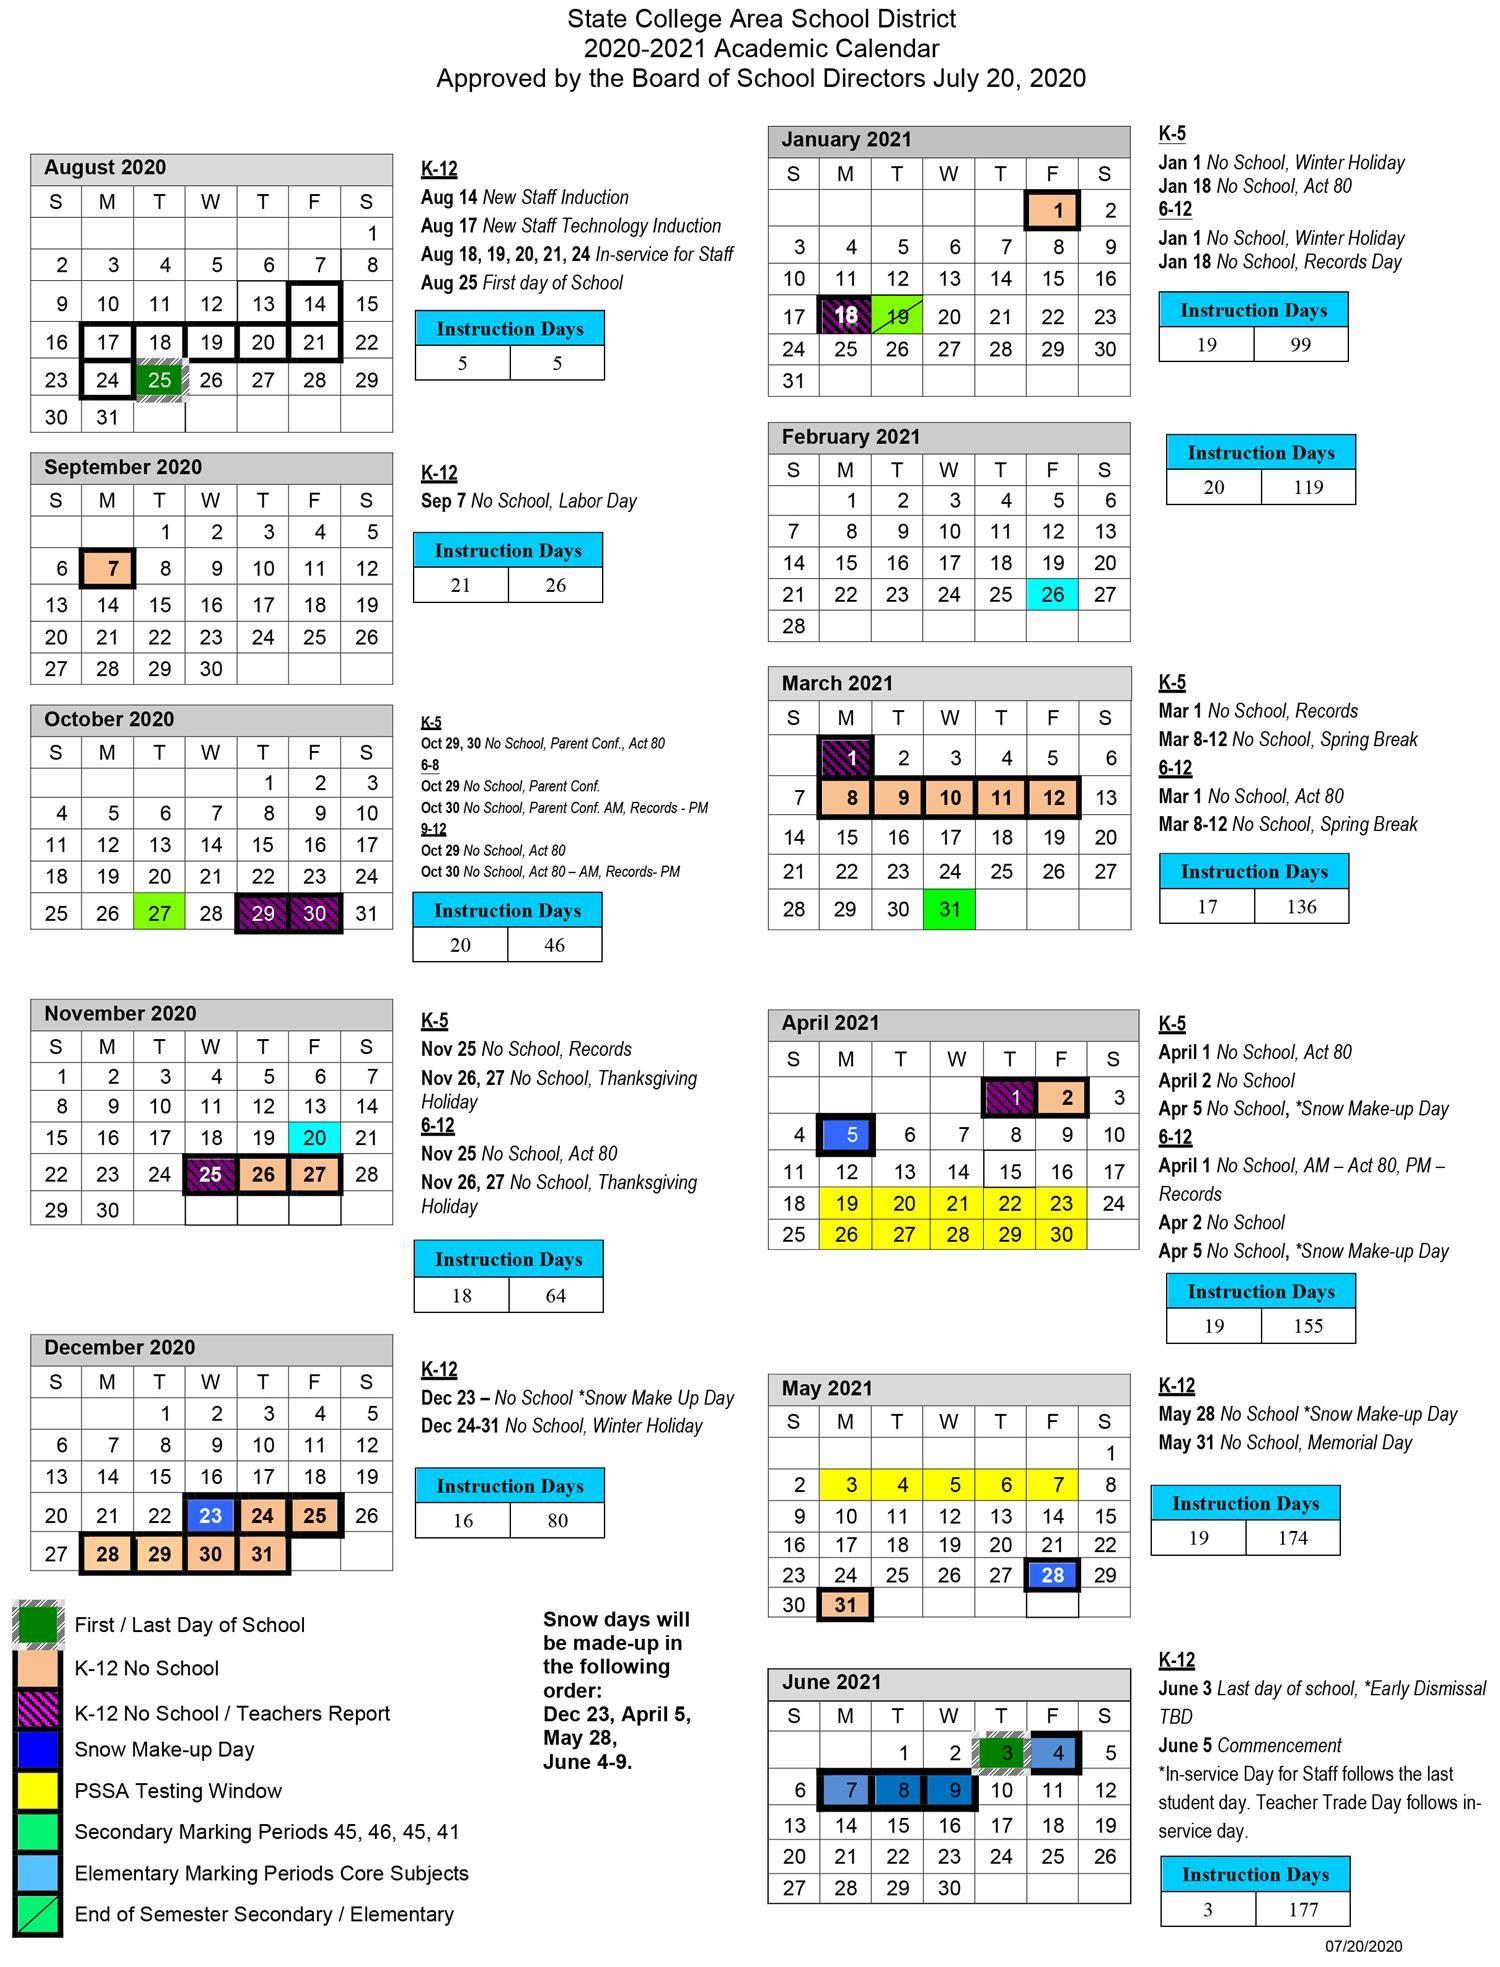 Rit 2021 Calendar 2020 2021 Academic Calendar